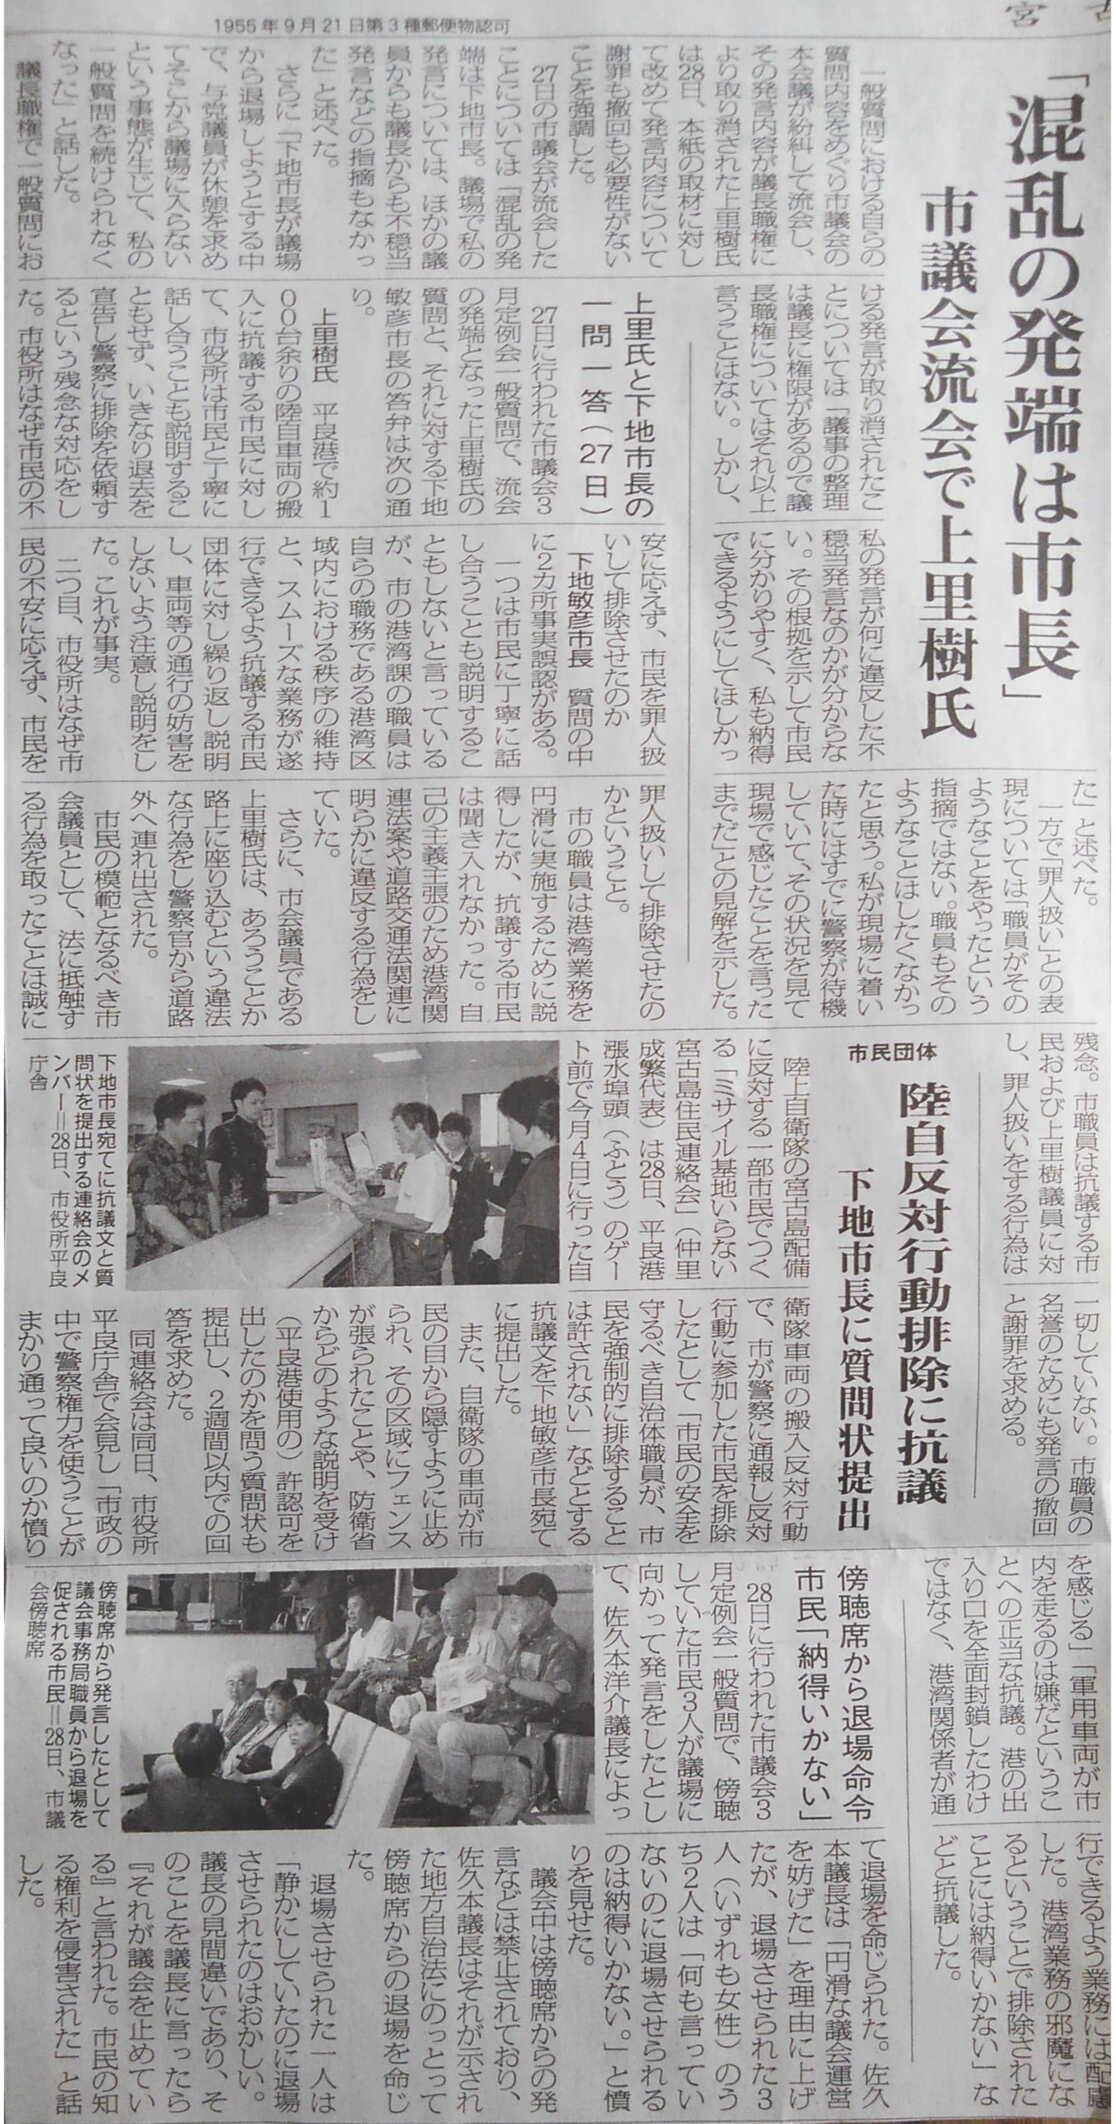 miyakomainichi2019 03291